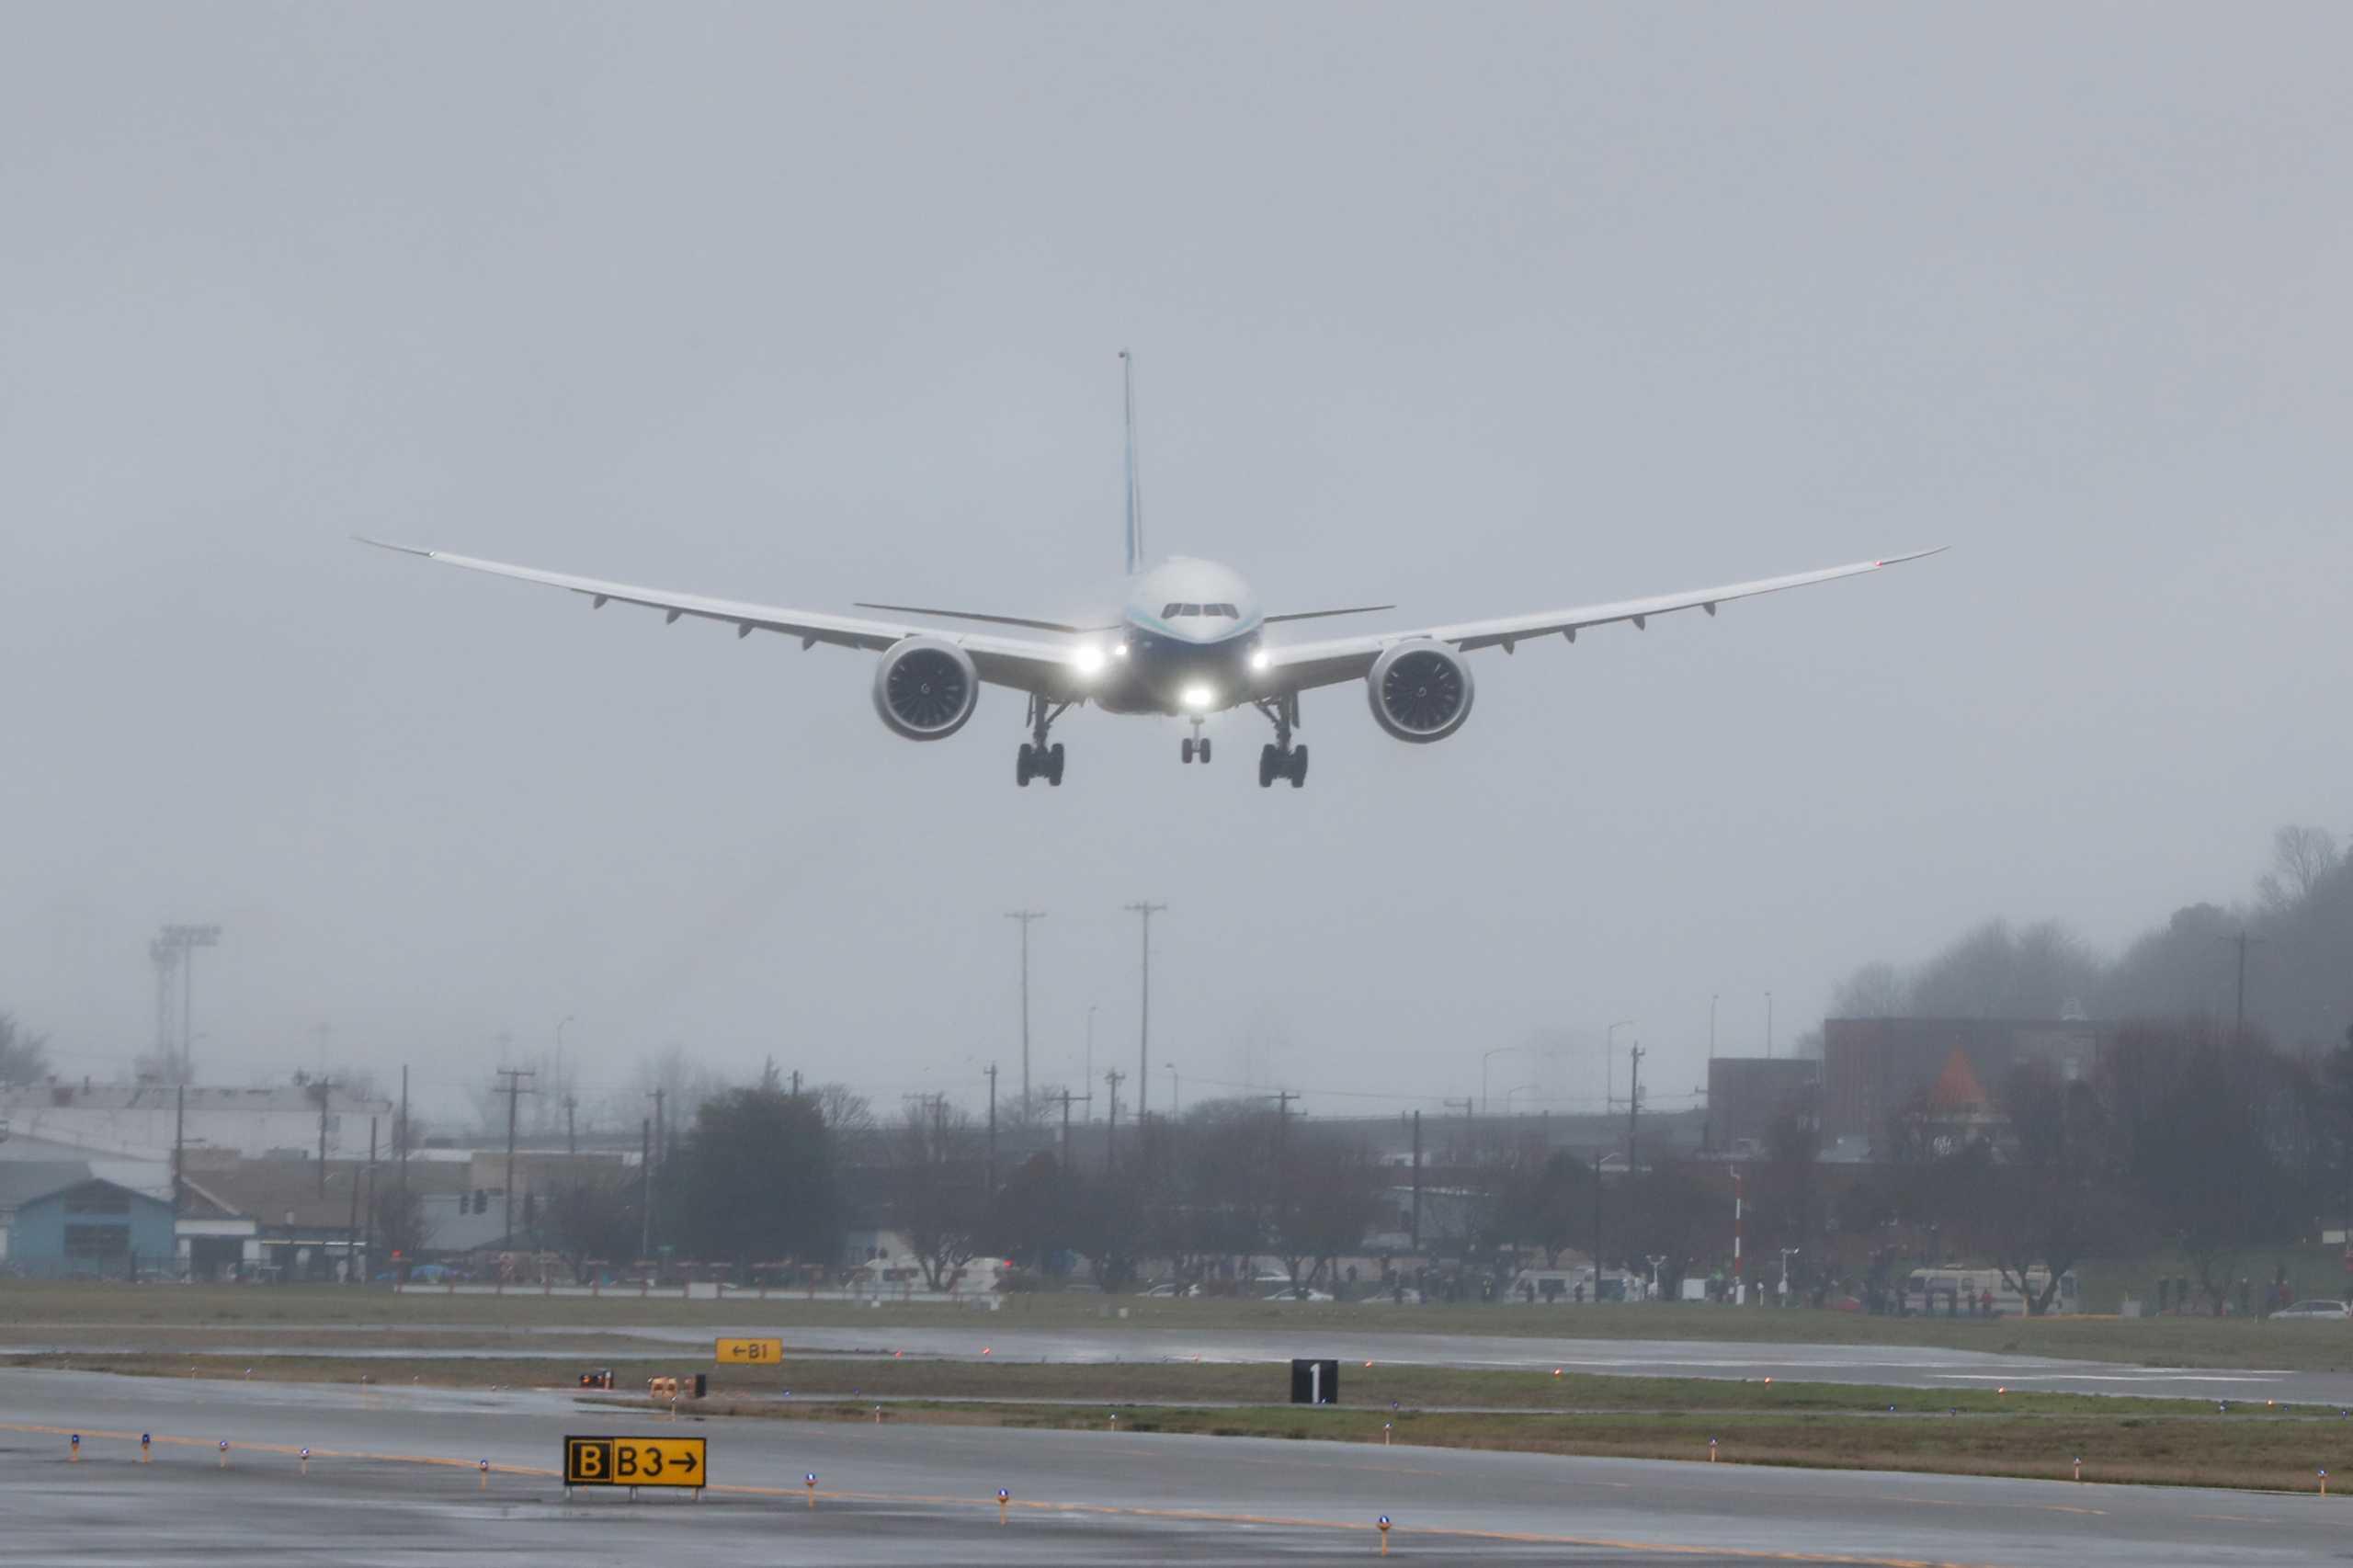 Σιβηρία: Αναγκαστική προσγείωση Μπόινγκ 767 από την Αττάλεια